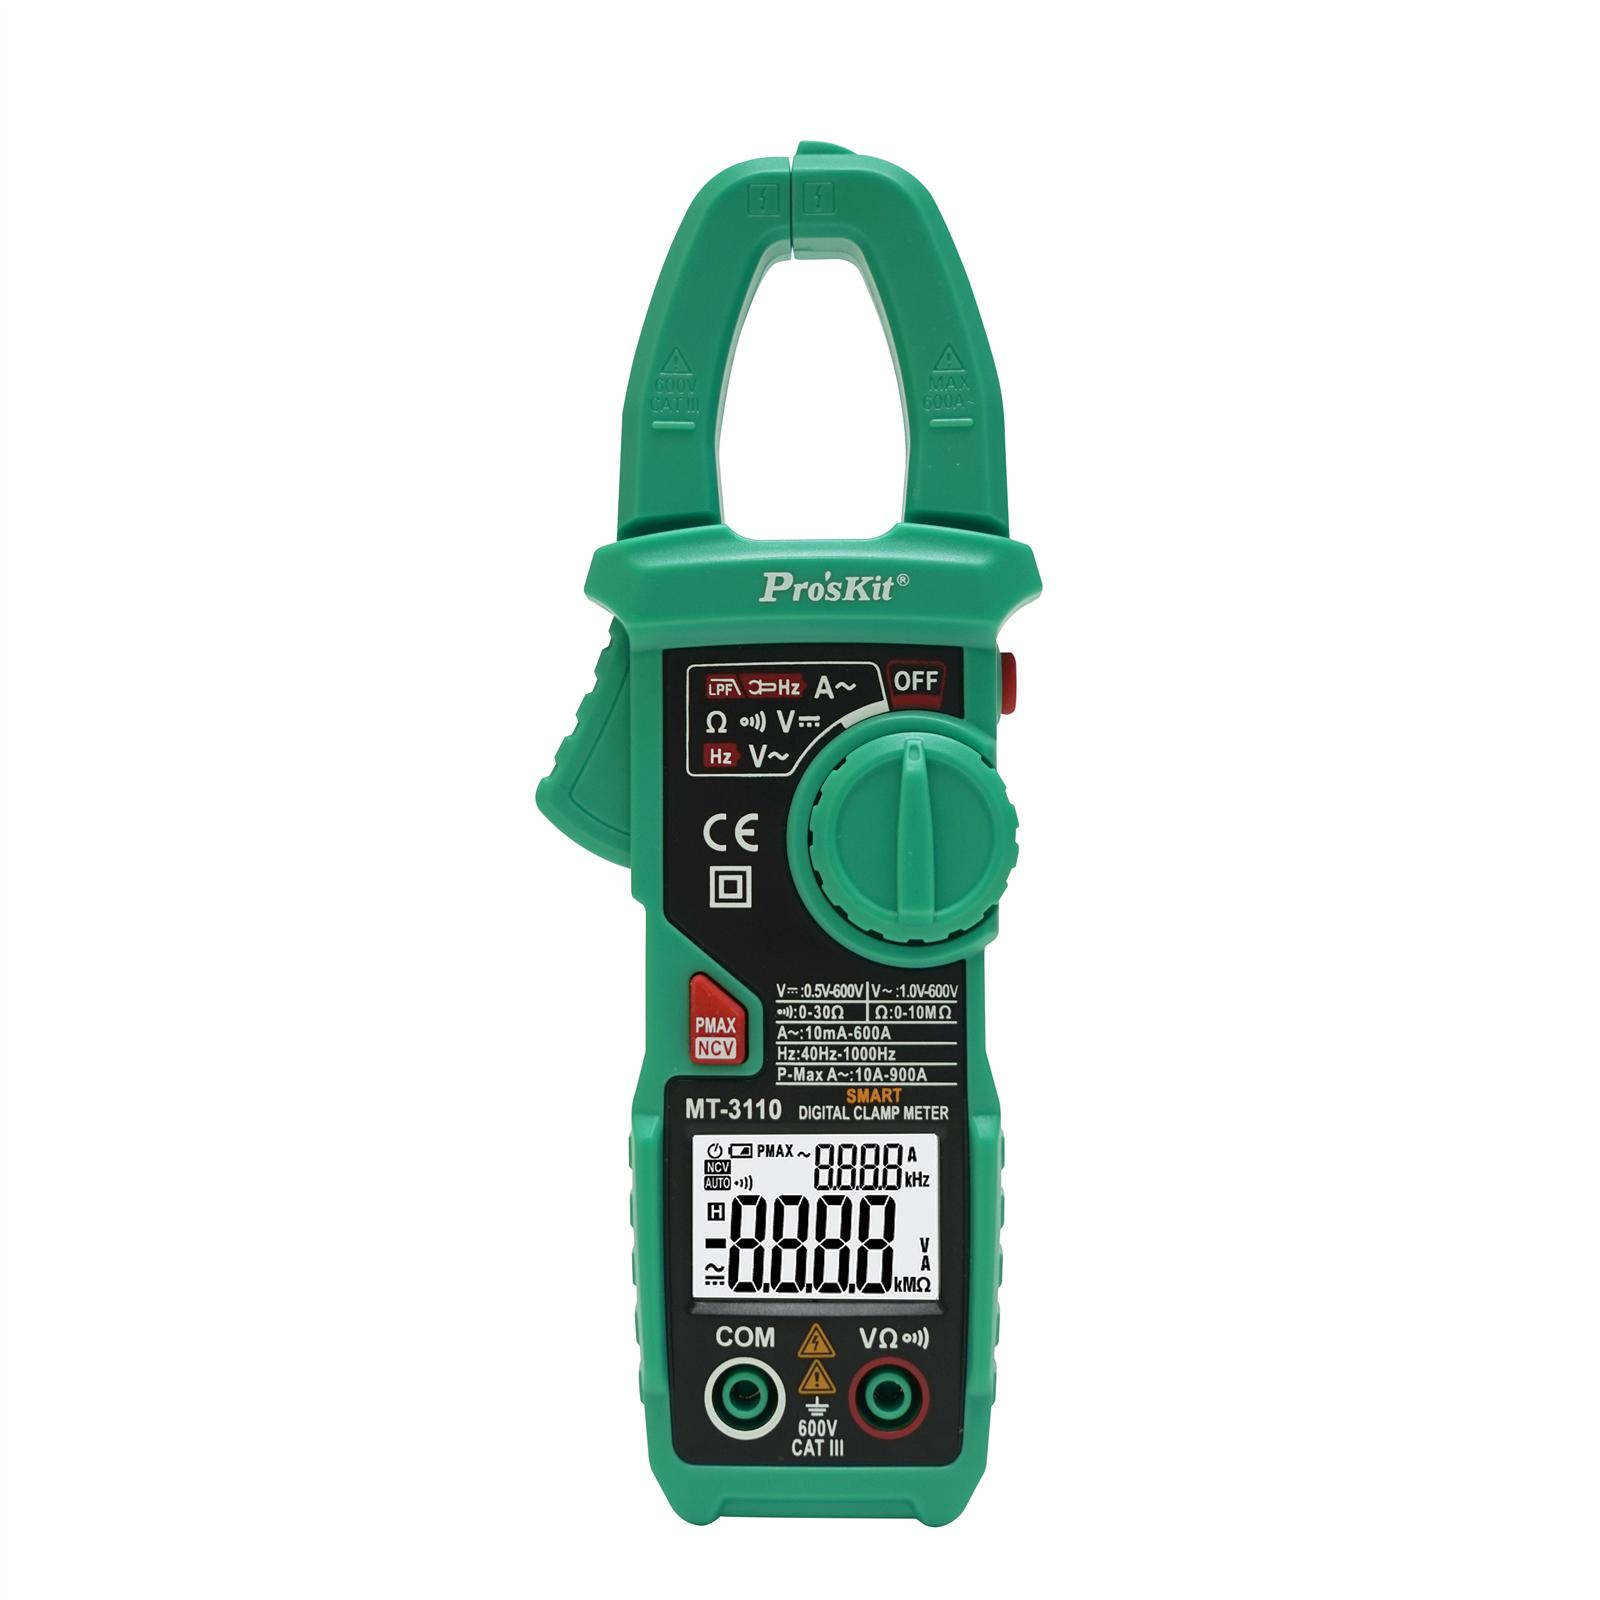 Ampe kẹp dòng điện tử AC Pro'skit MT-3110